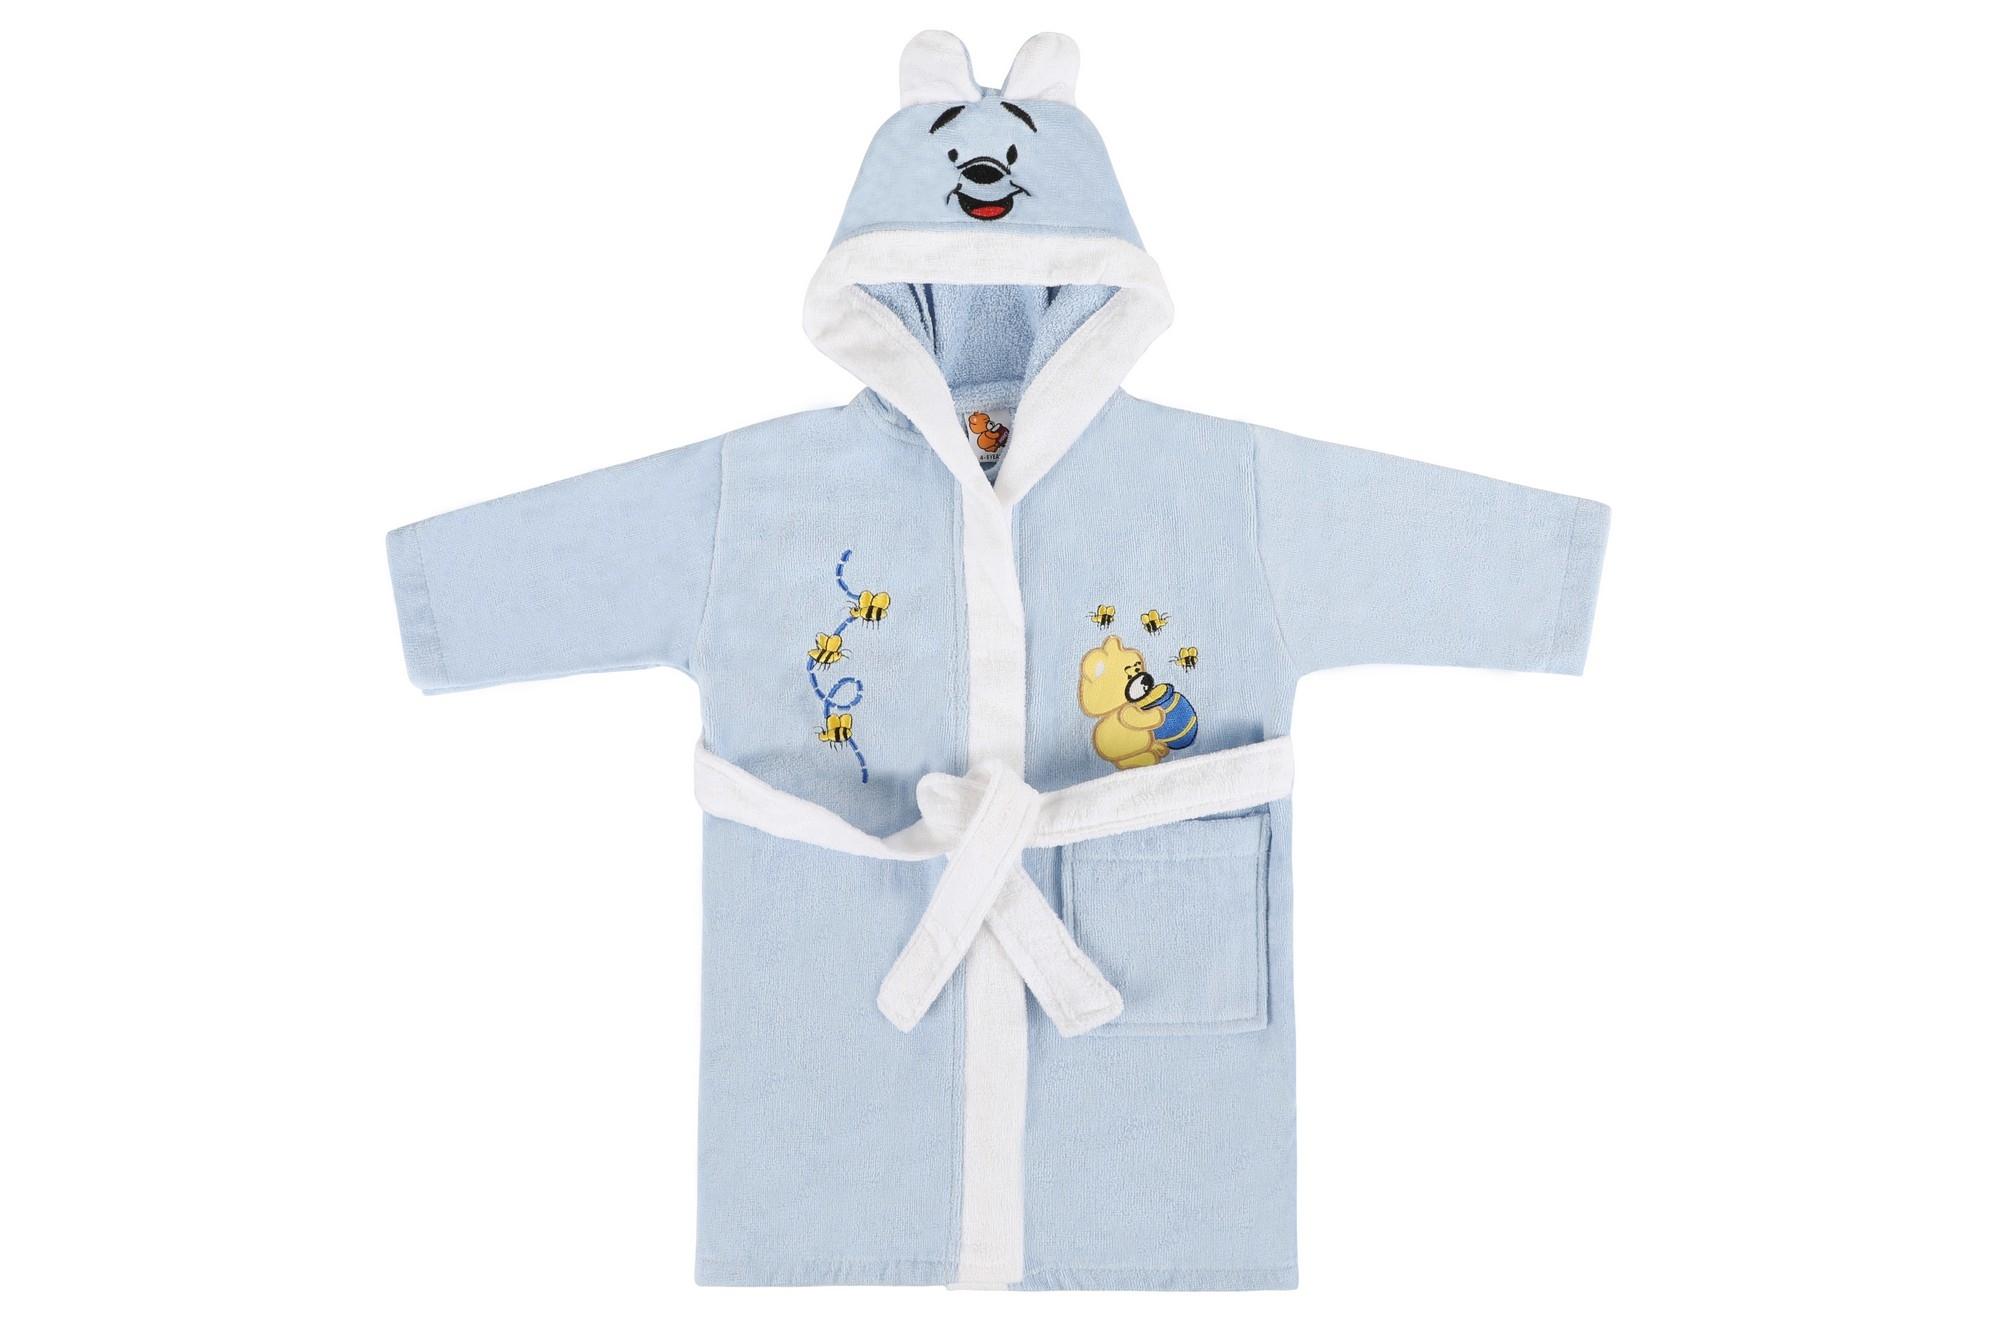 Halat de baie pentru copii, din bumbac, Bear Albastru, 4 / 5 ani imagine